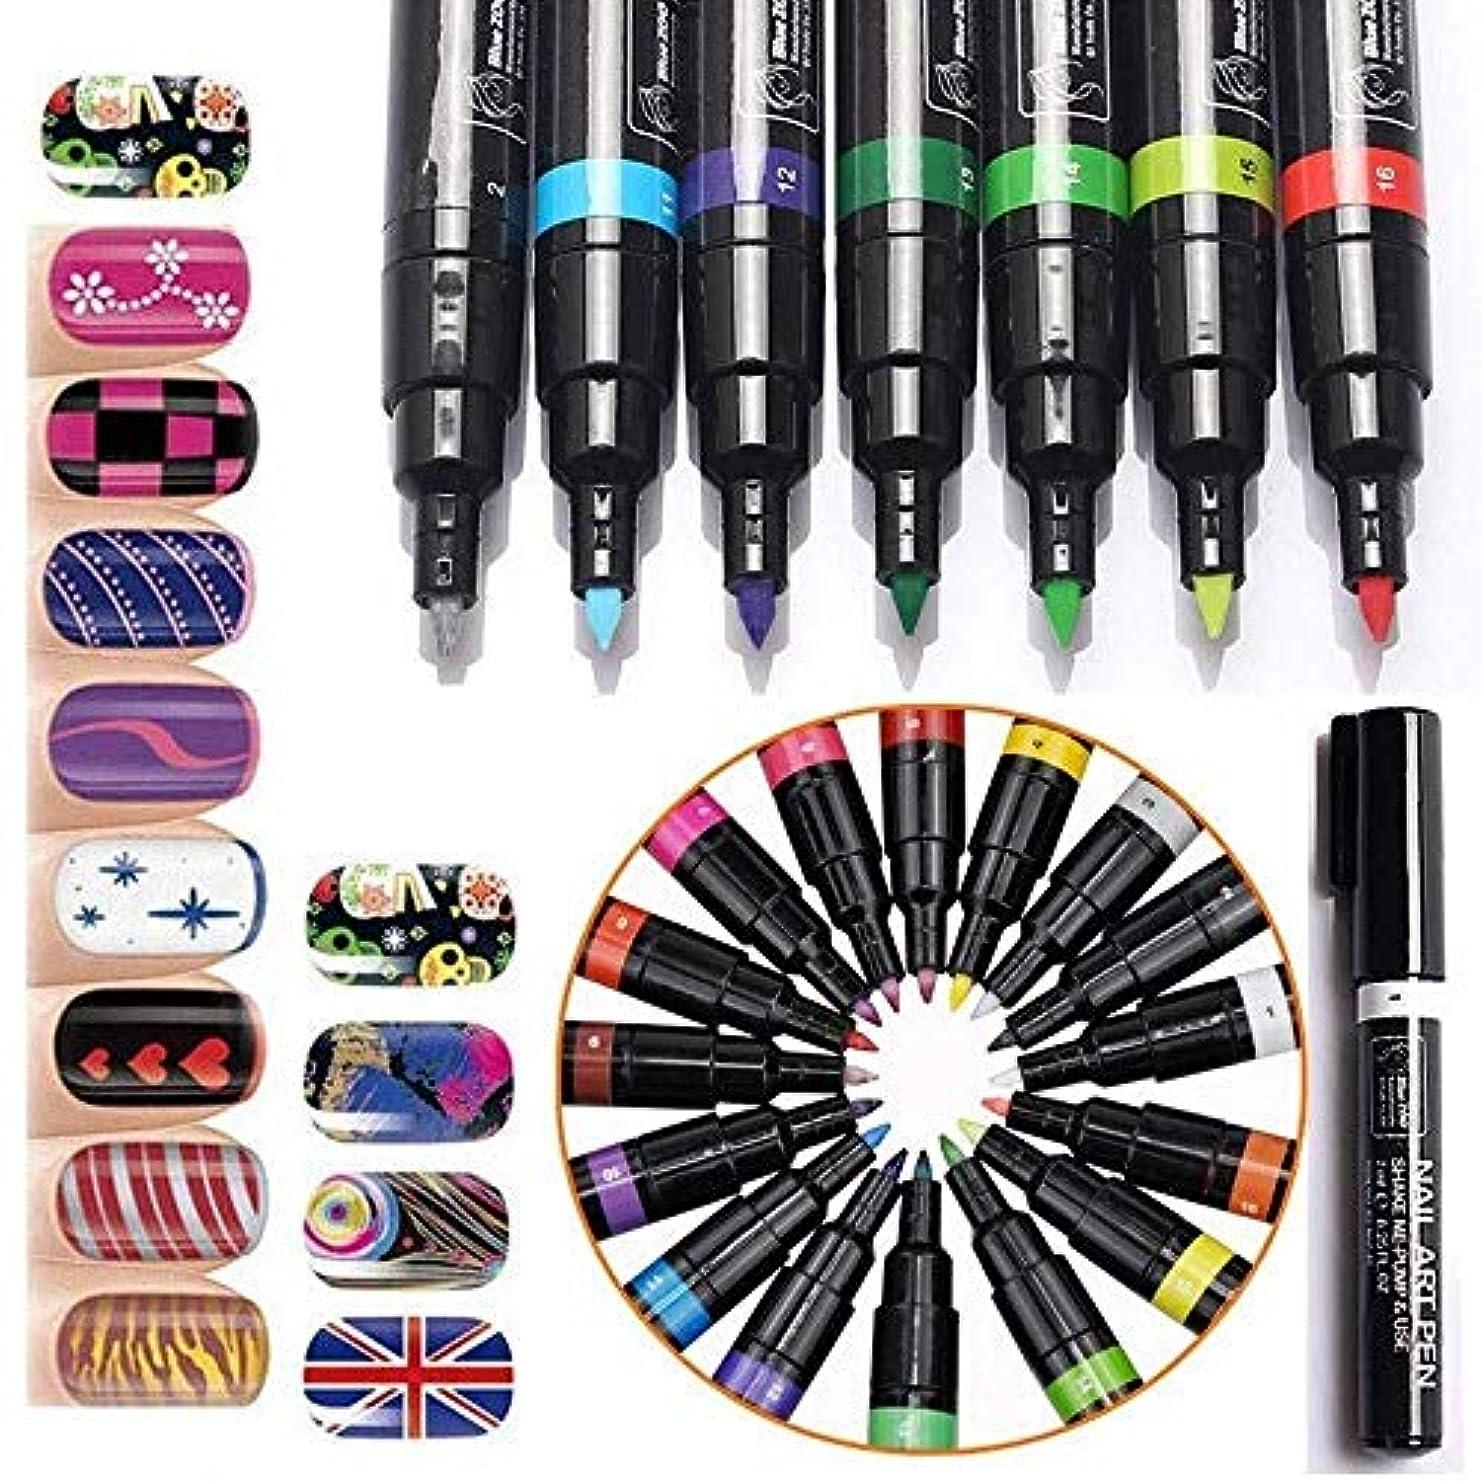 鉛繕うモネカラー ネイルアートペン 3Dネイルペン ネイルアートペン ネイルマニキュア液 ペイントペン ペイント DIY 16色 装飾図面ドットポリッシュペン セット